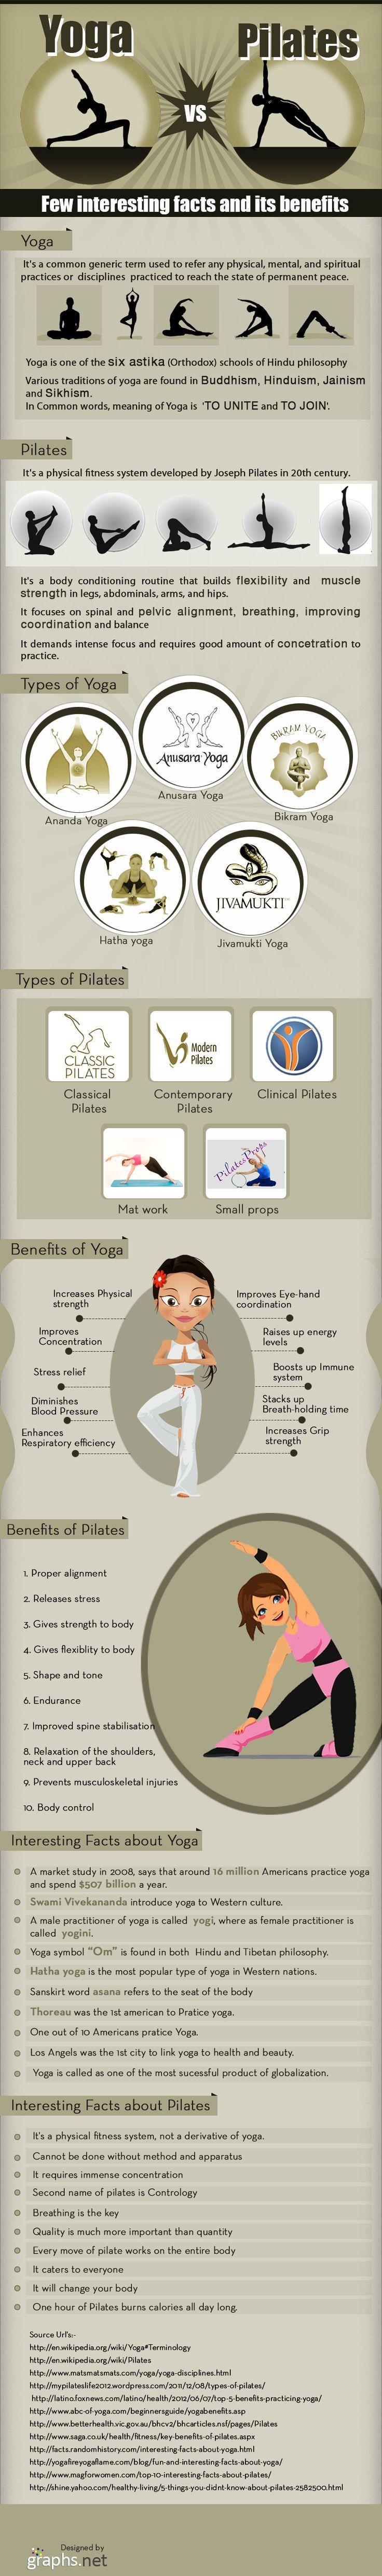 La Diferencia Entre Yoga Y Pilates Yoga Pilates Infografia Yoga Vs Pilates Pilates Yoga Pilates